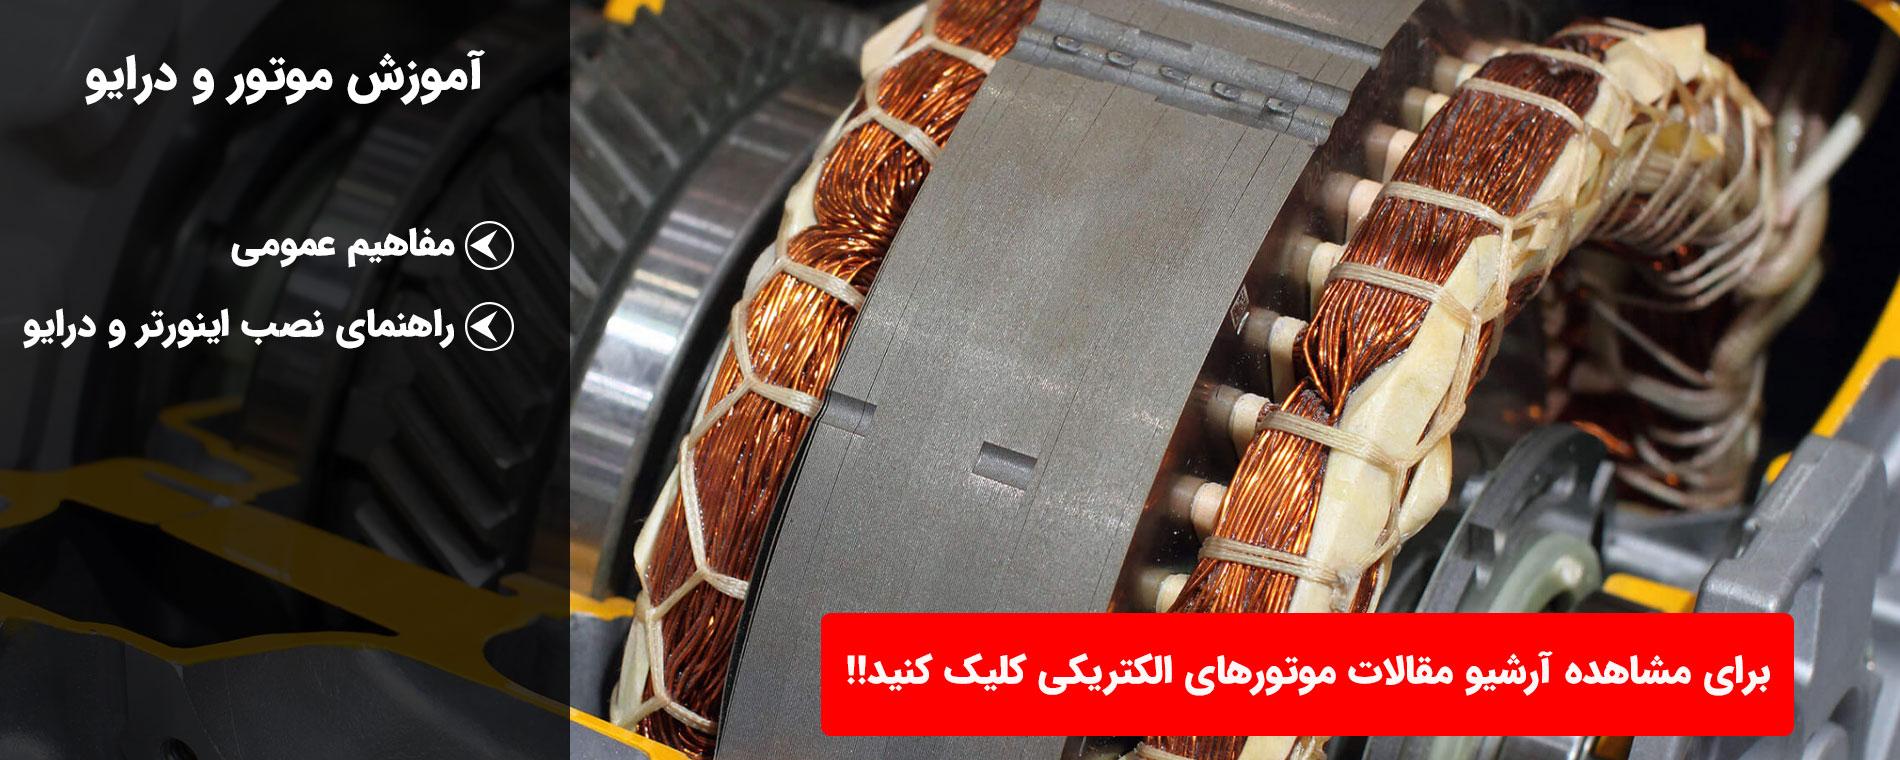 آموزش موتورهای الکتریکی